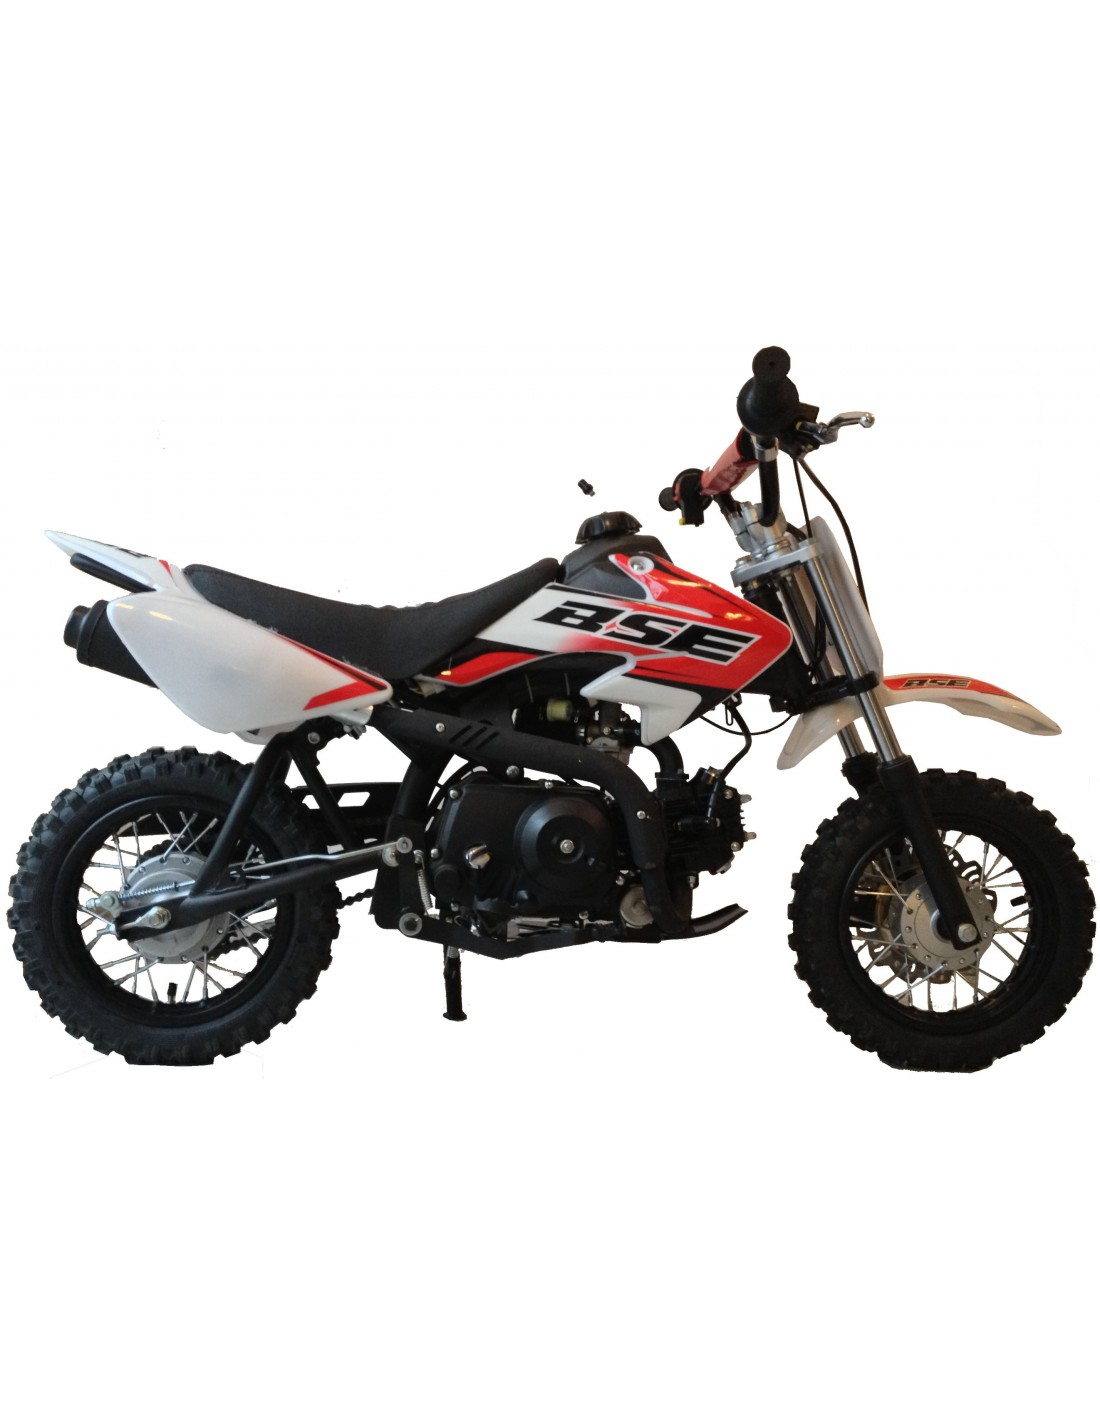 dirt bike 70cc bse automatique 10 pouces d marrage lectrique monster bike 62. Black Bedroom Furniture Sets. Home Design Ideas